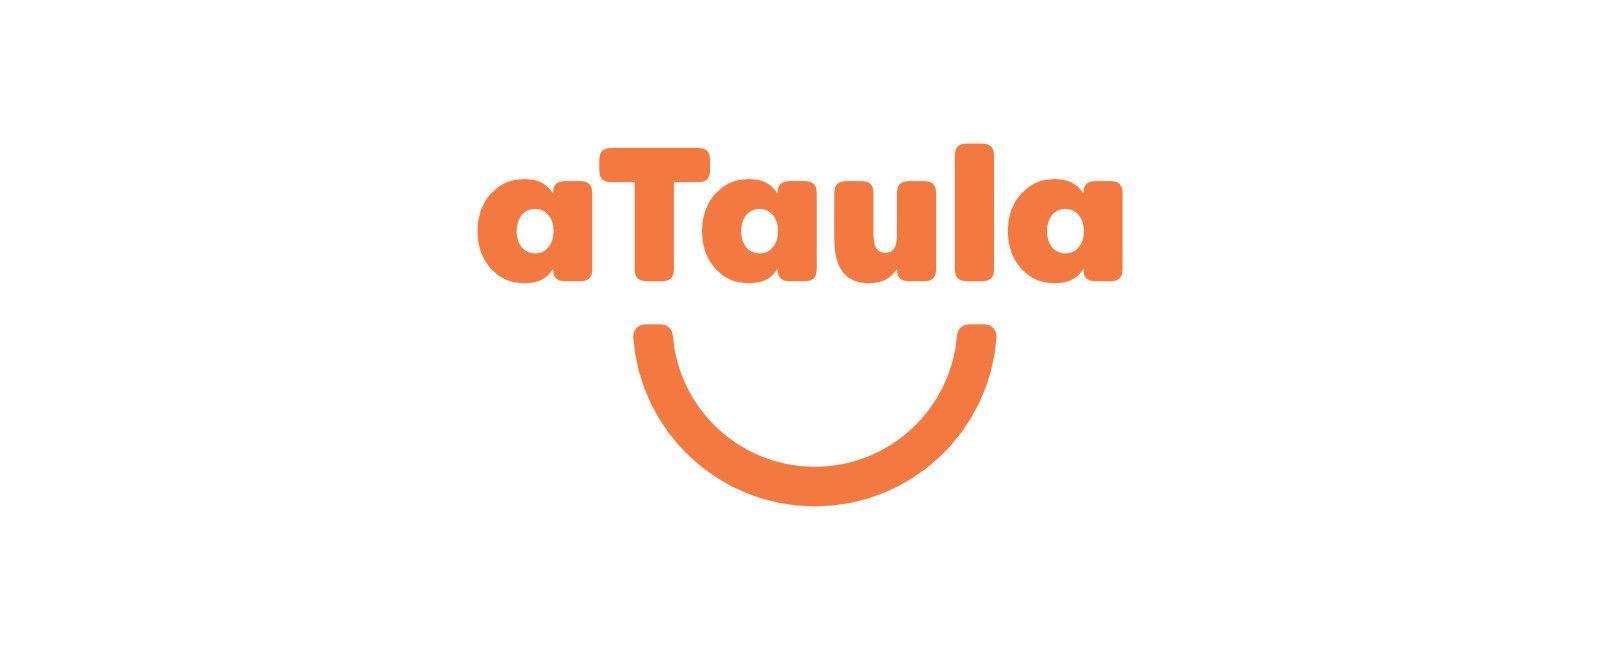 aTaula